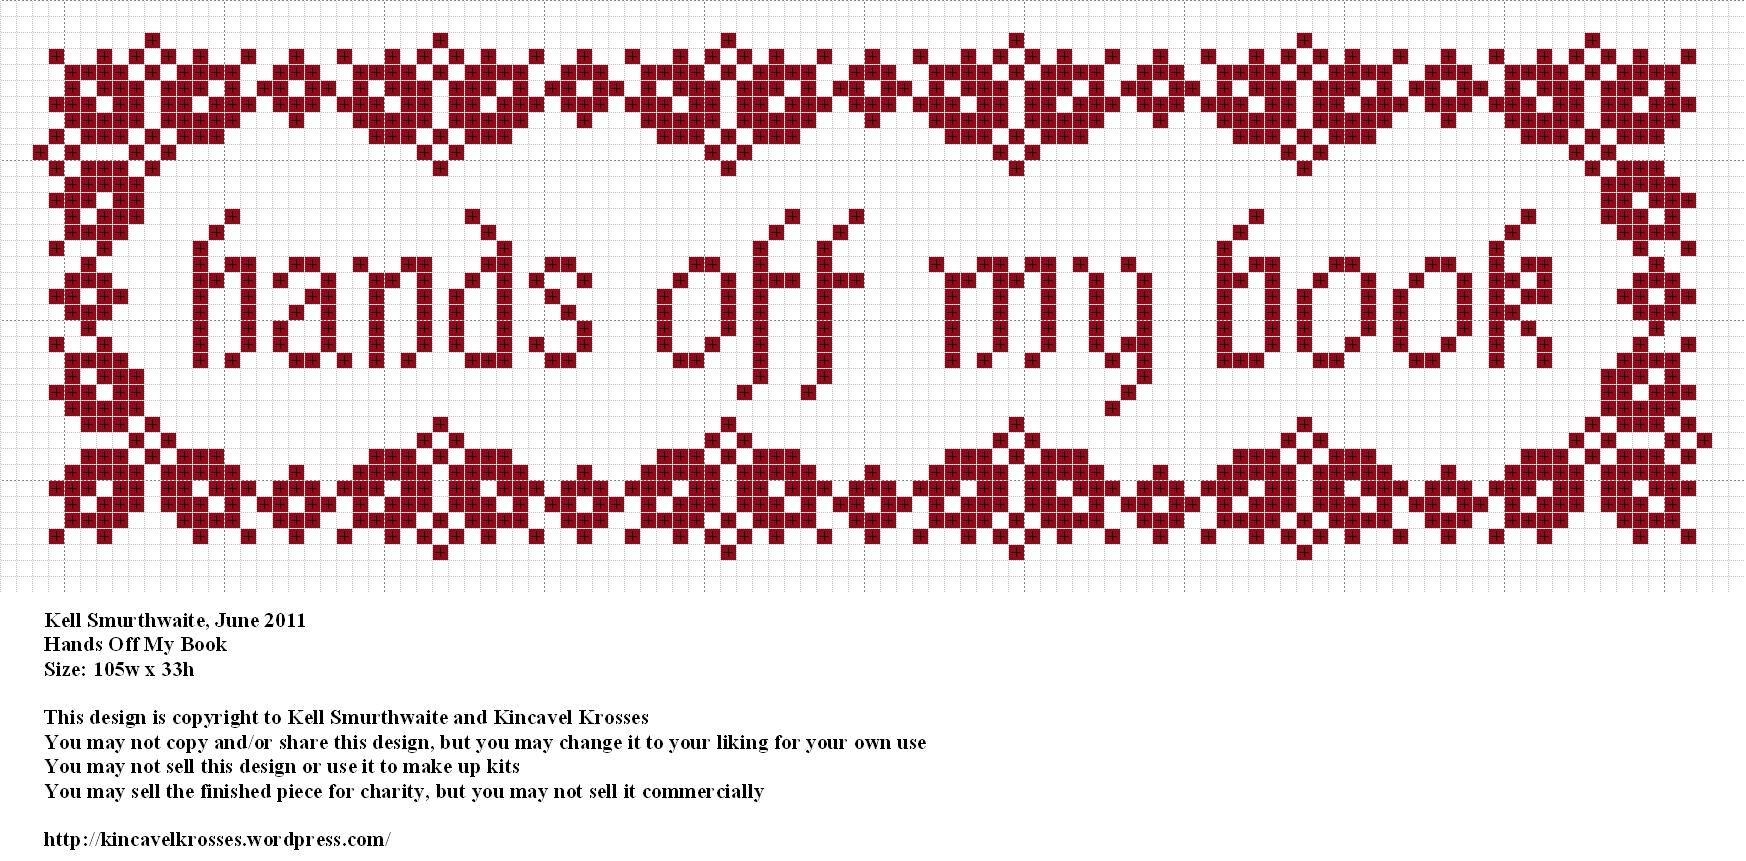 hands-off-my-book.jpg 1.746×861 piksel